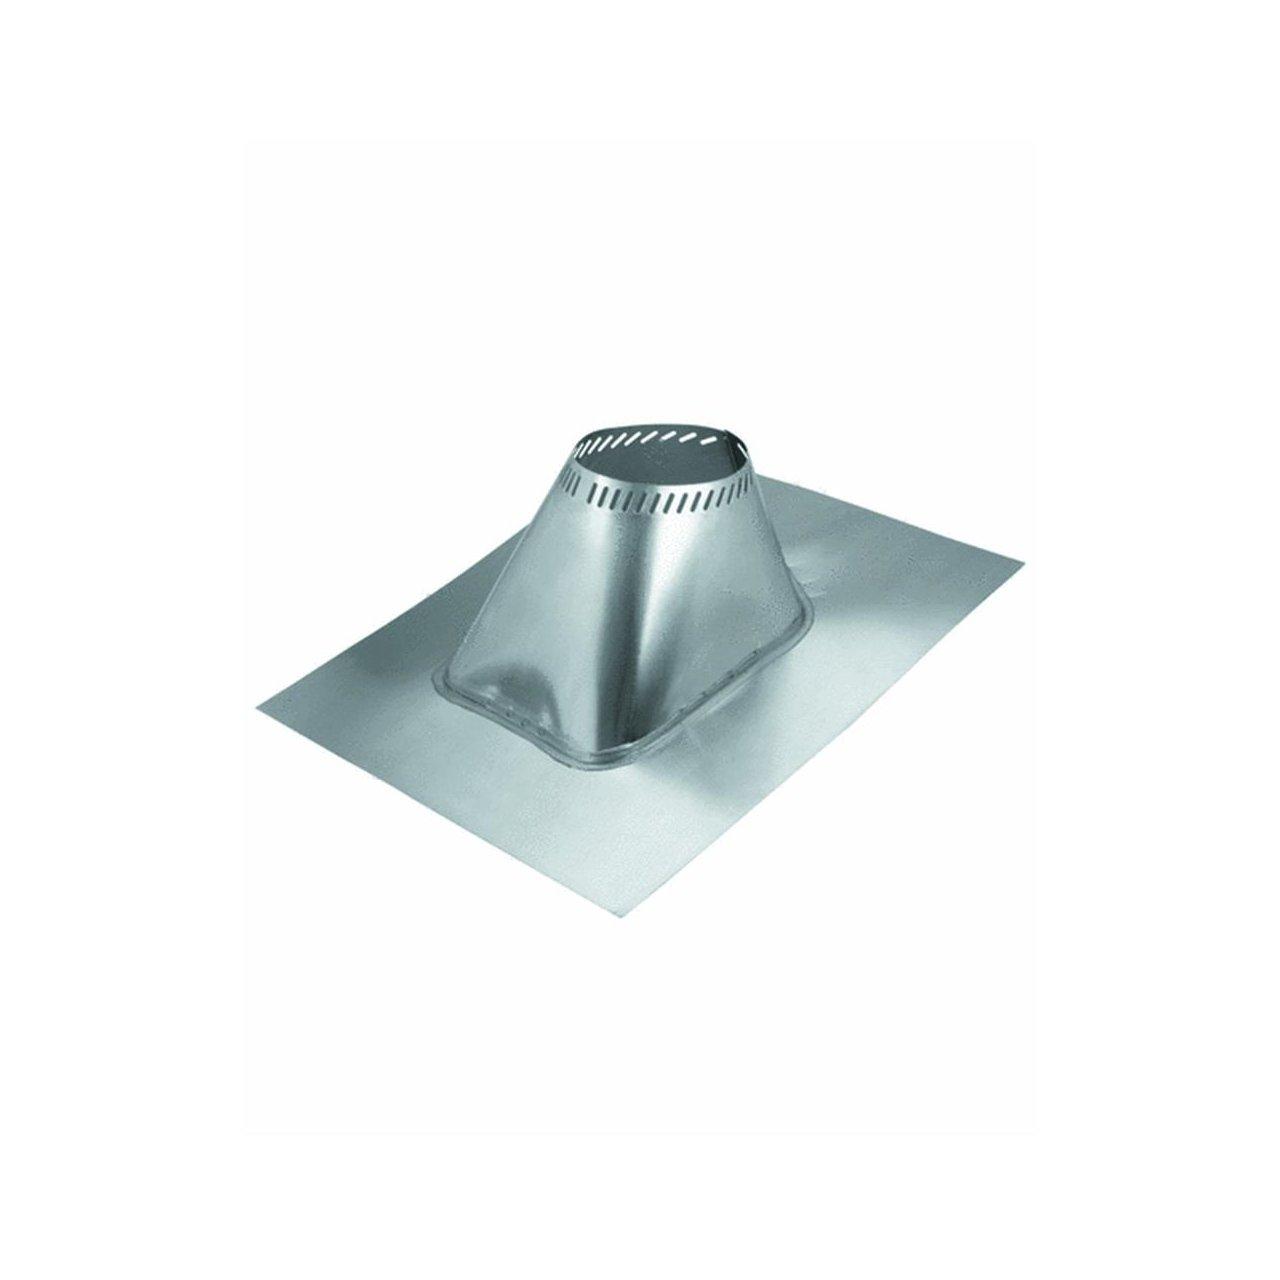 Selkirk Metalbestos 8T-AF6 8-Inch Stainless Steel Adjustable ...